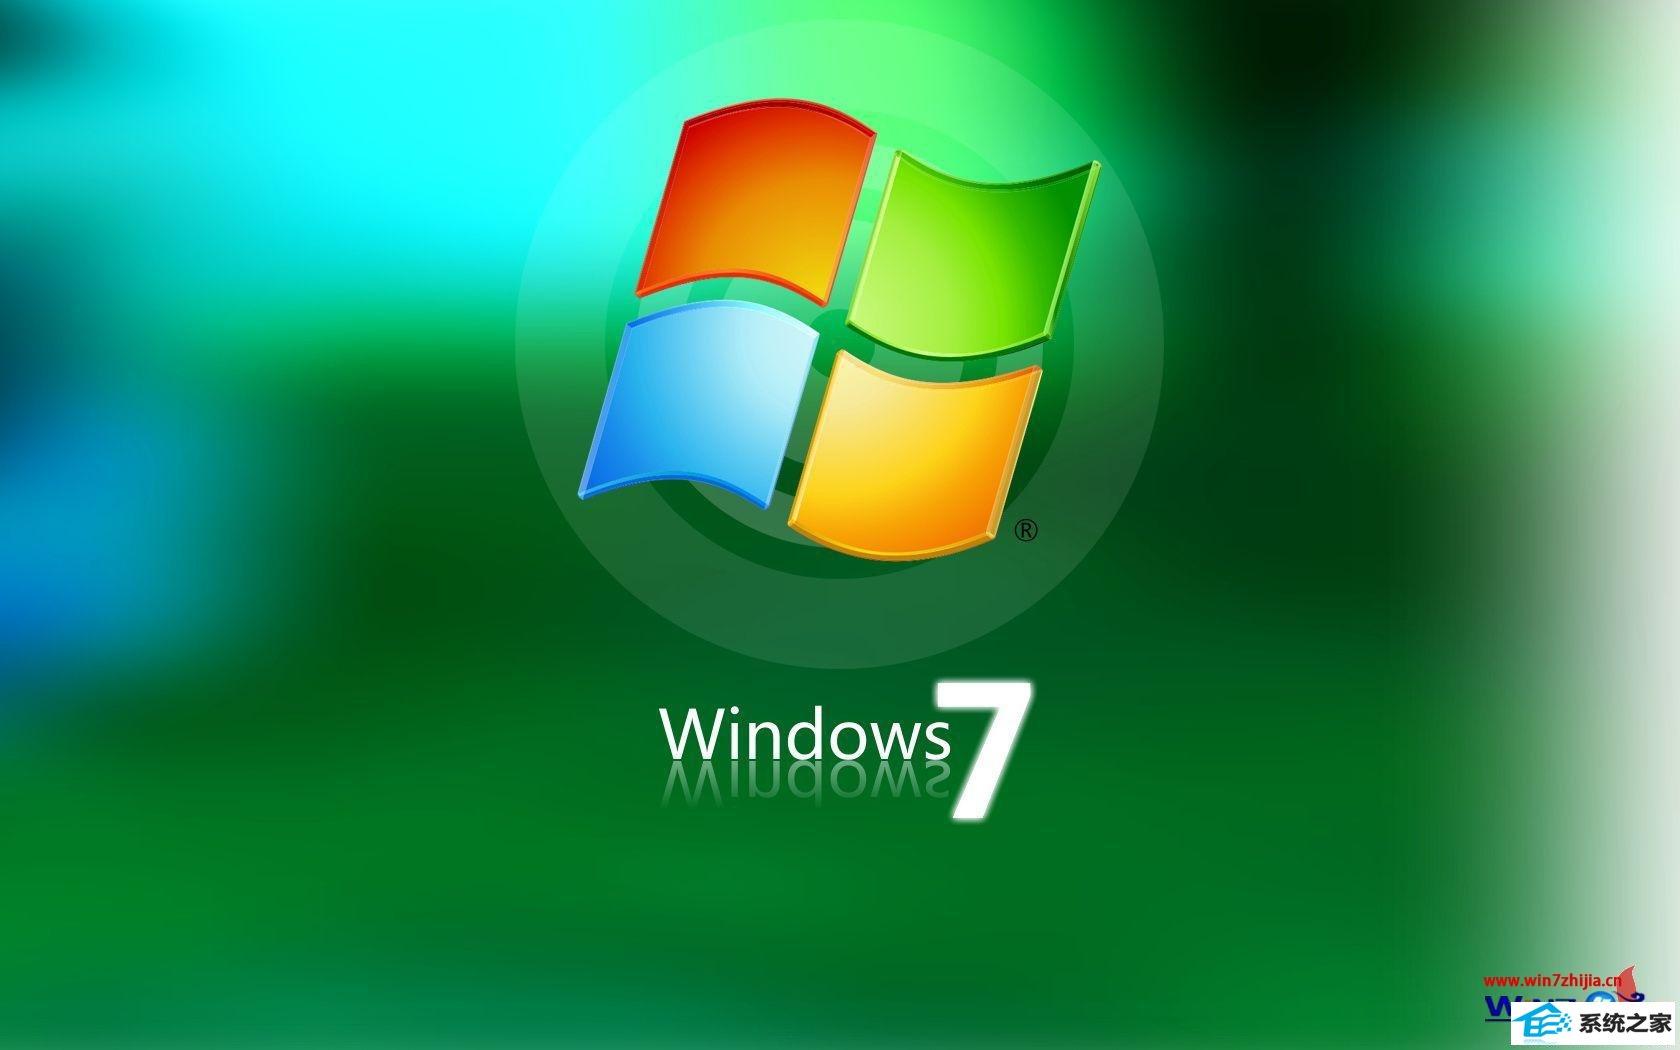 笔记本winxp系统下公共网络模式被锁死的两个处理方案